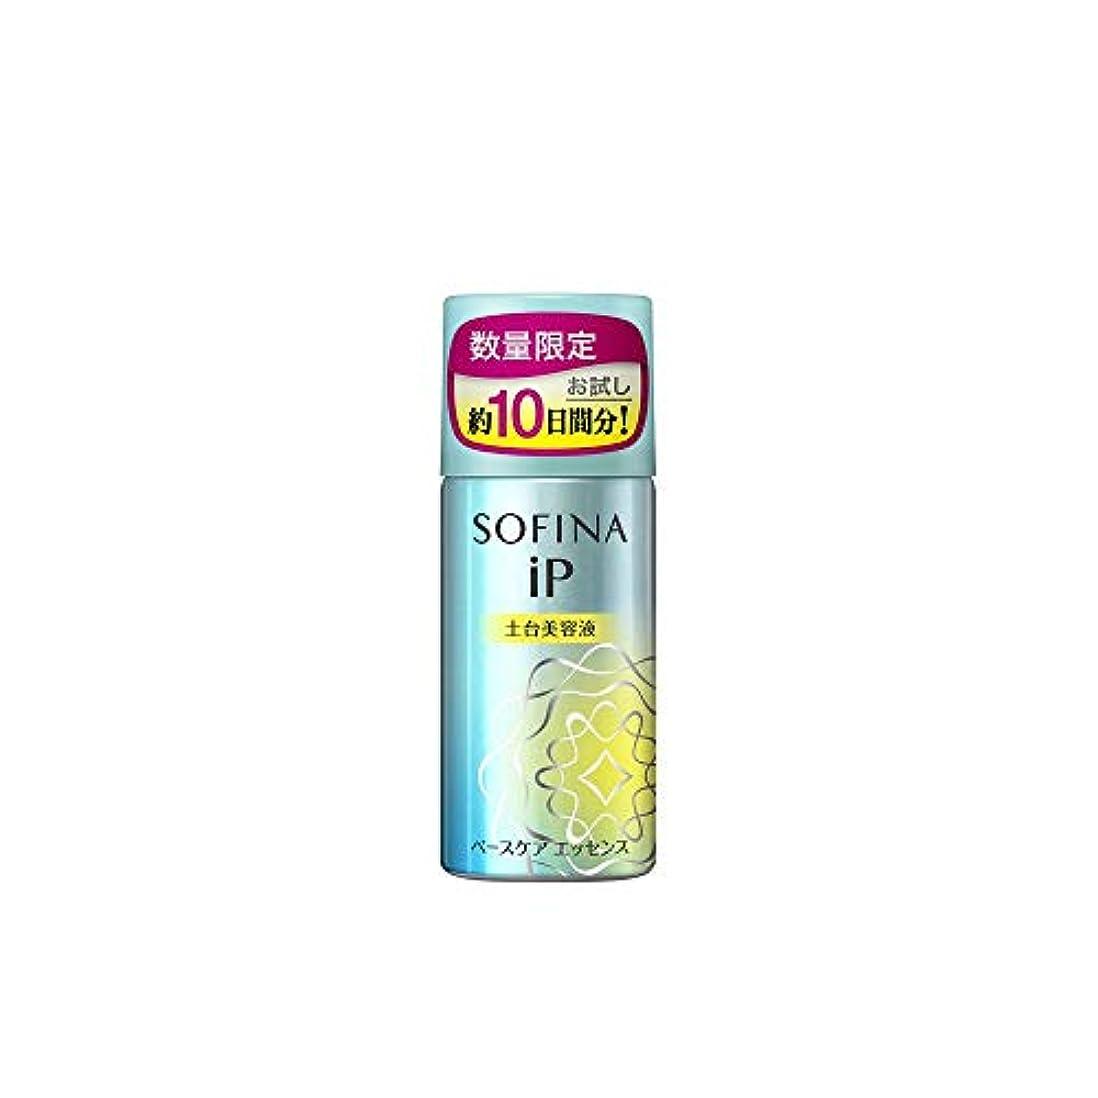 偏見トリクル流出ソフィーナ iP(アイピー) ベースケア エッセンス 30g 土台美容液